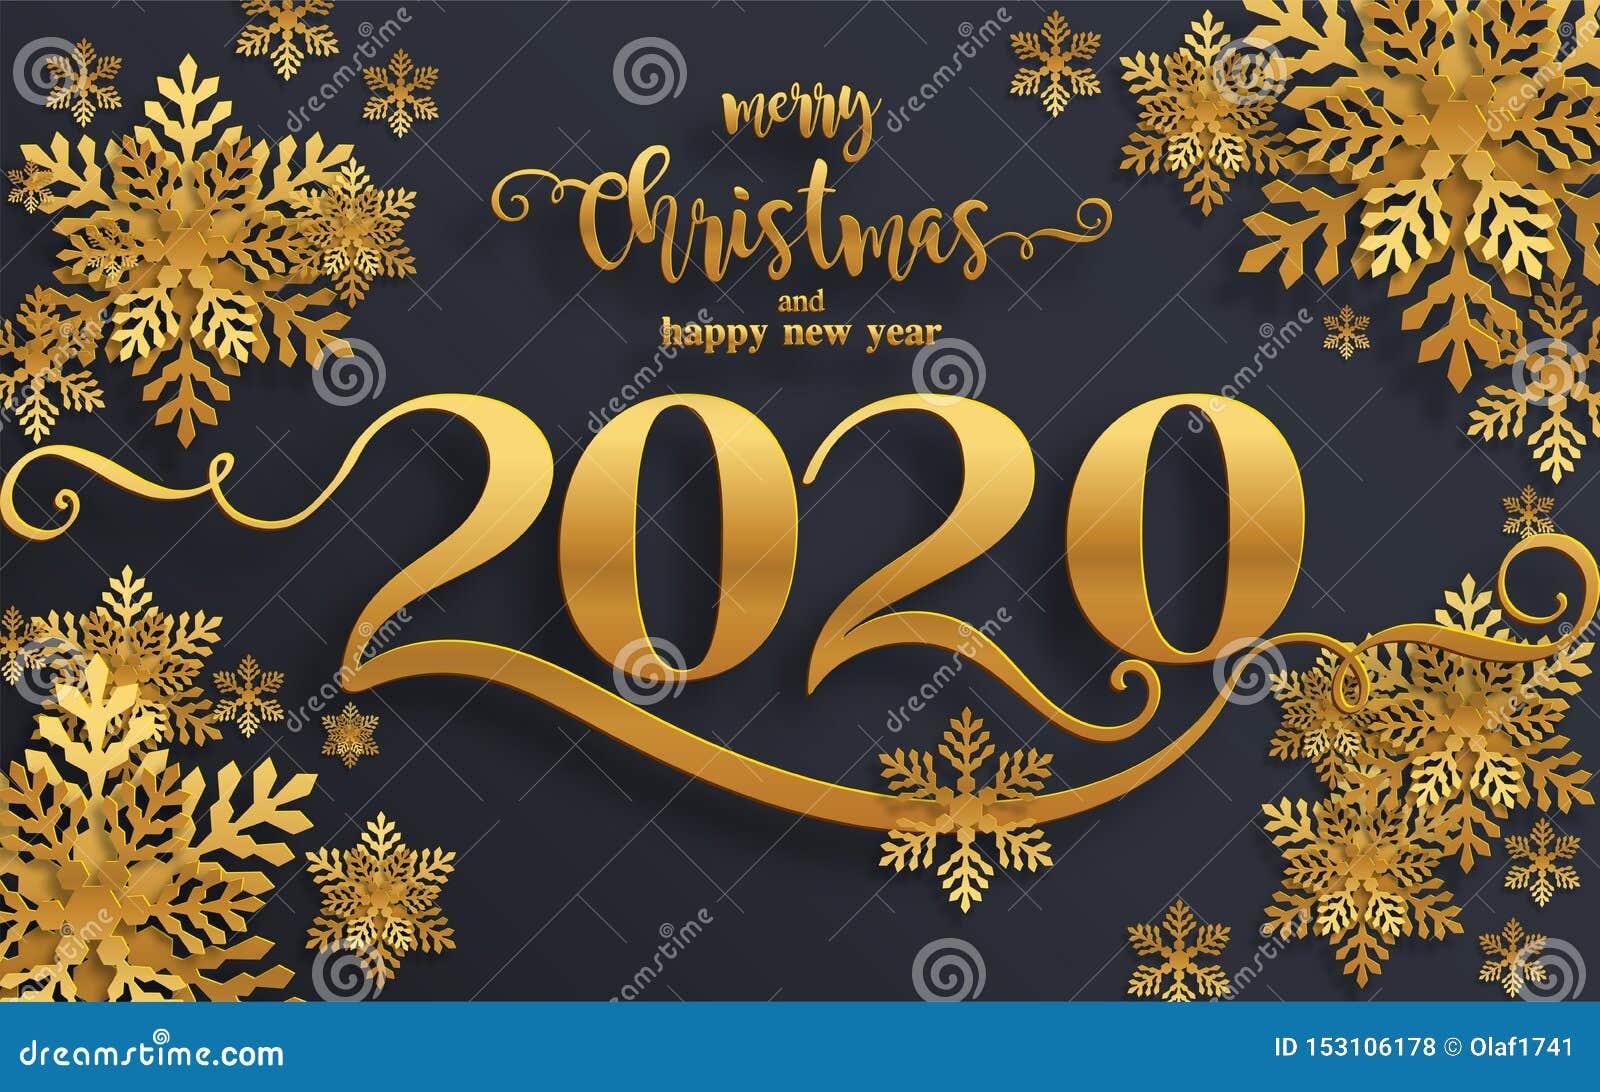 Hälsningar och lyckligt nytt år 2020 för glad jul